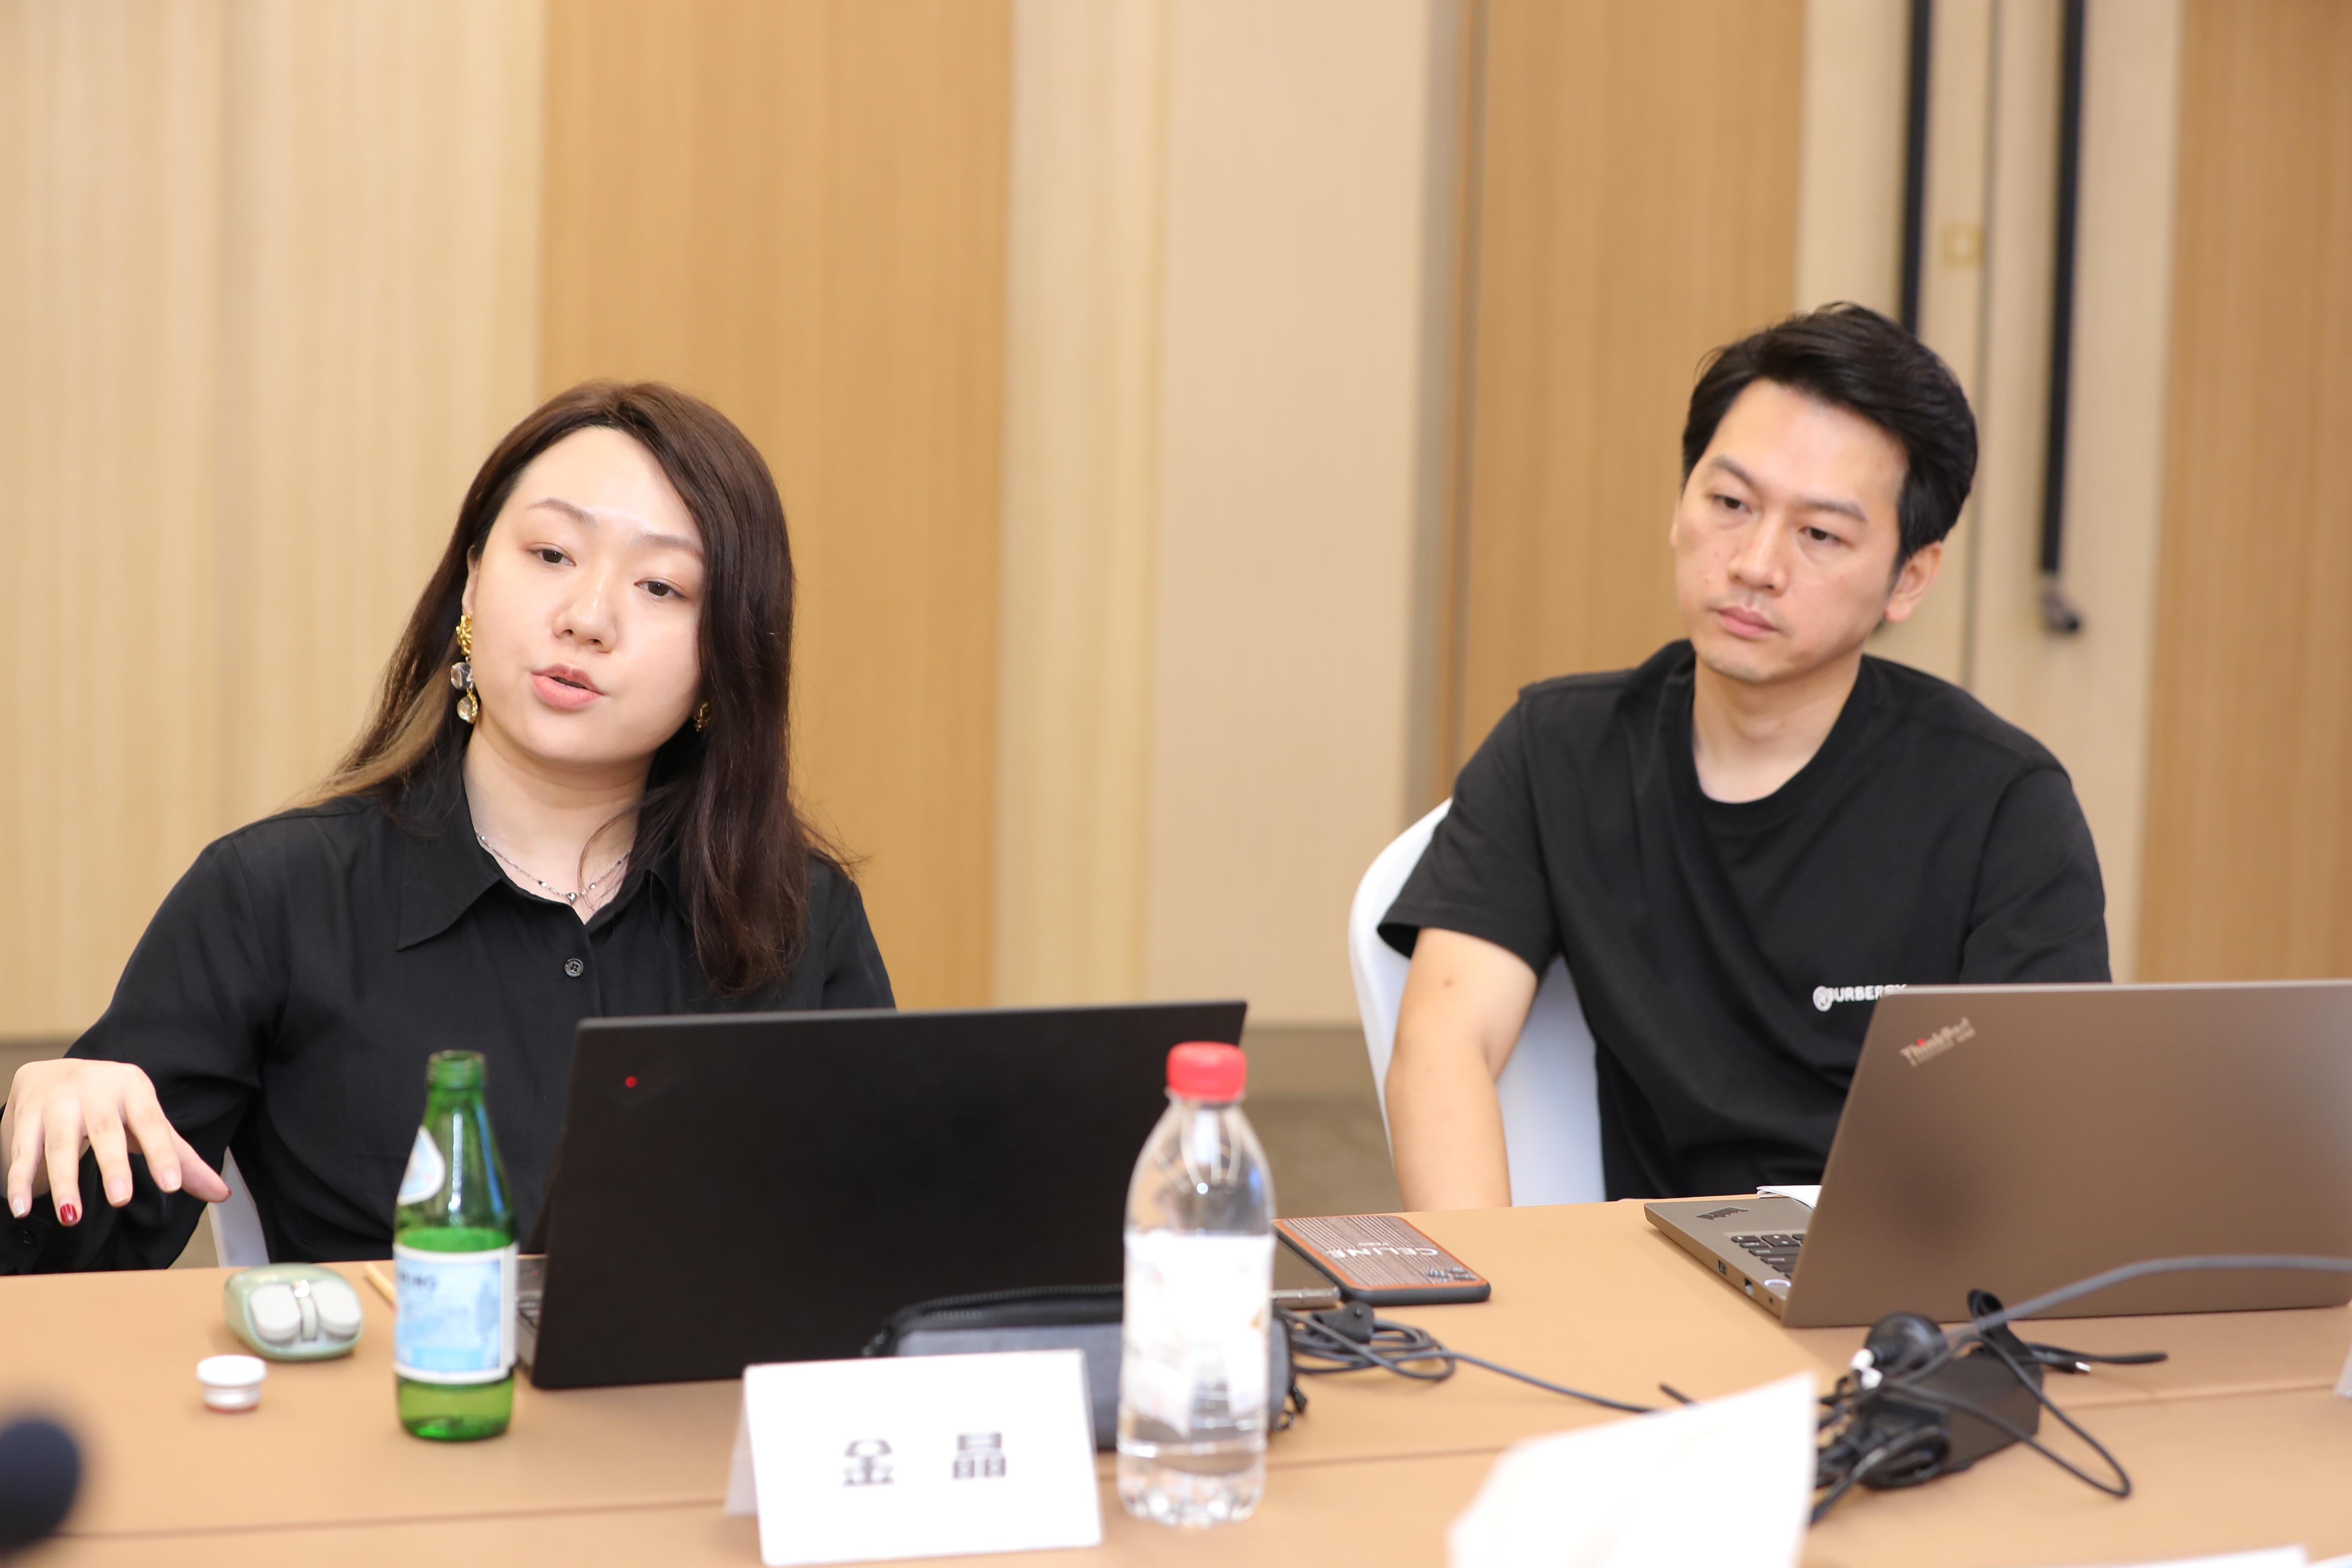 健合集团会员营销负责人金晶